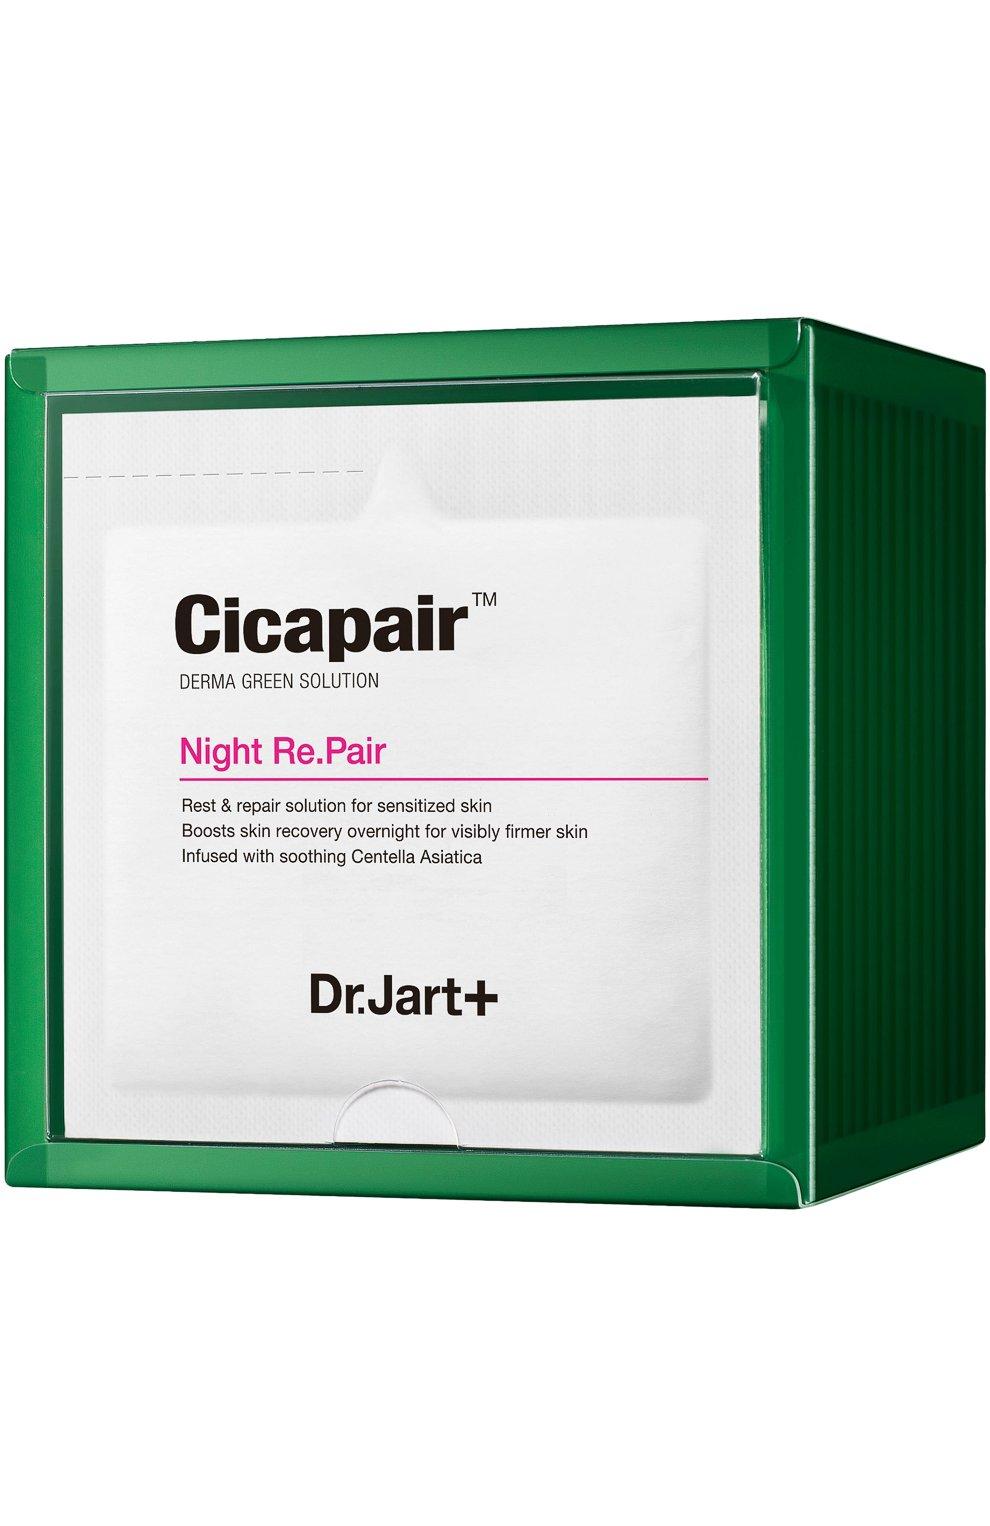 Женская восстанавливающая ночная крем-маска cicapair night re.pair DR.JART+ бесцветного цвета, арт. 8809239669215 | Фото 1